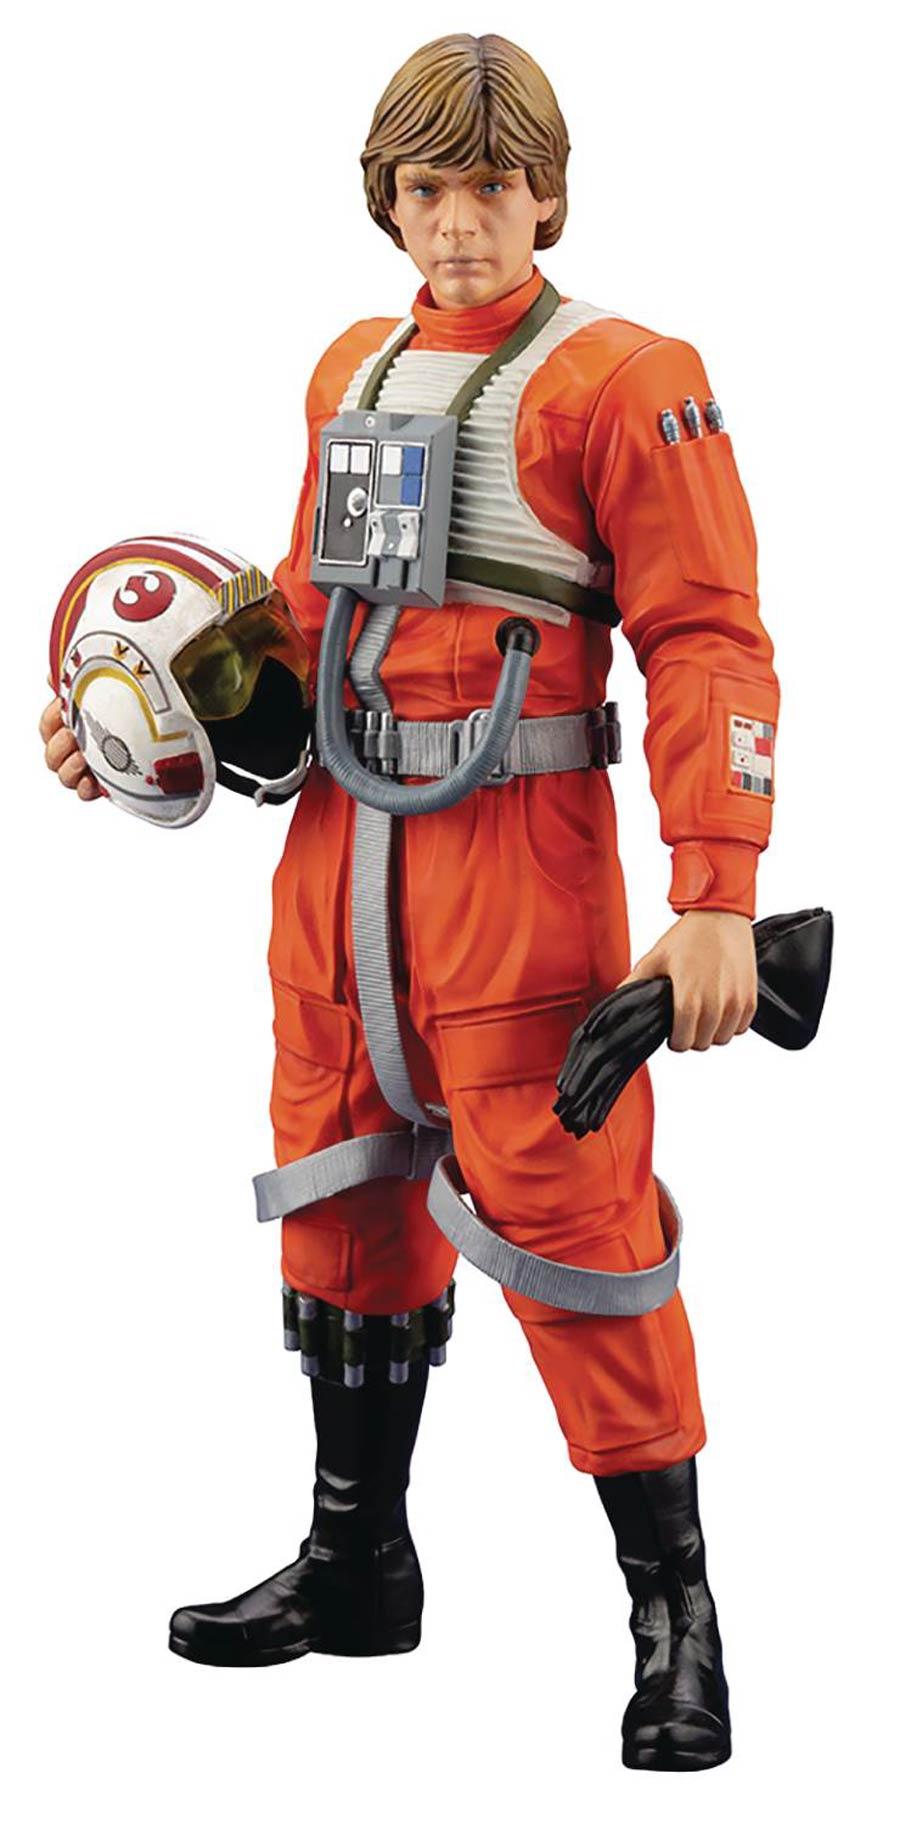 Star Wars Luke Skywalker X-Wing Pilot ARTFX Plus Statue